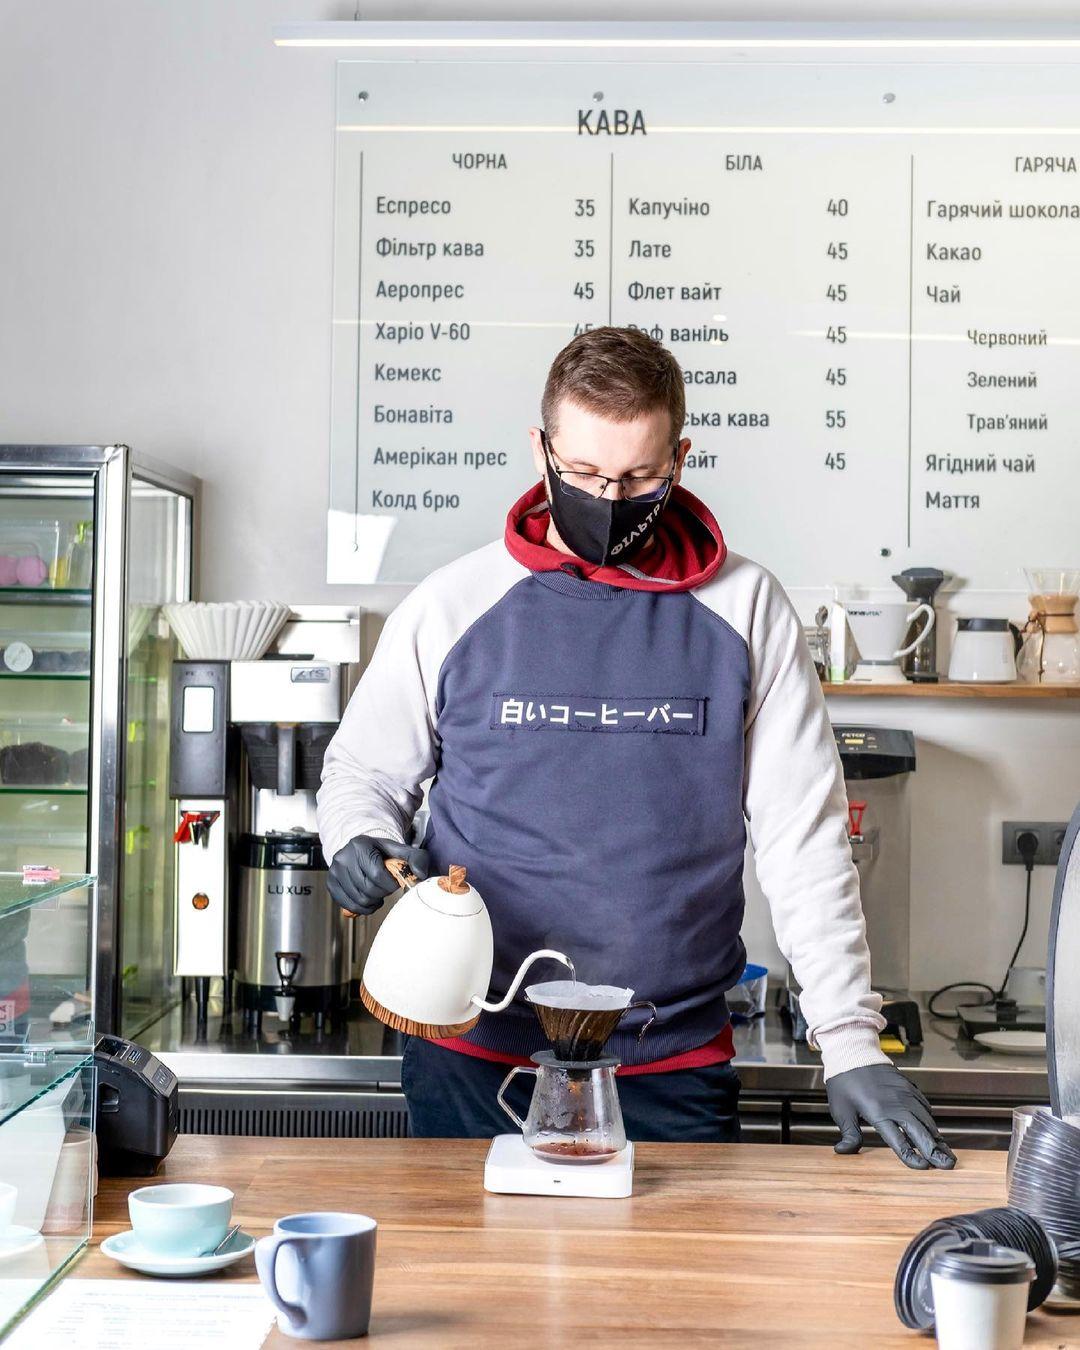 Не американо, а фильтр: где найти кофейни третьей волны в Днепре. Новости Днепра